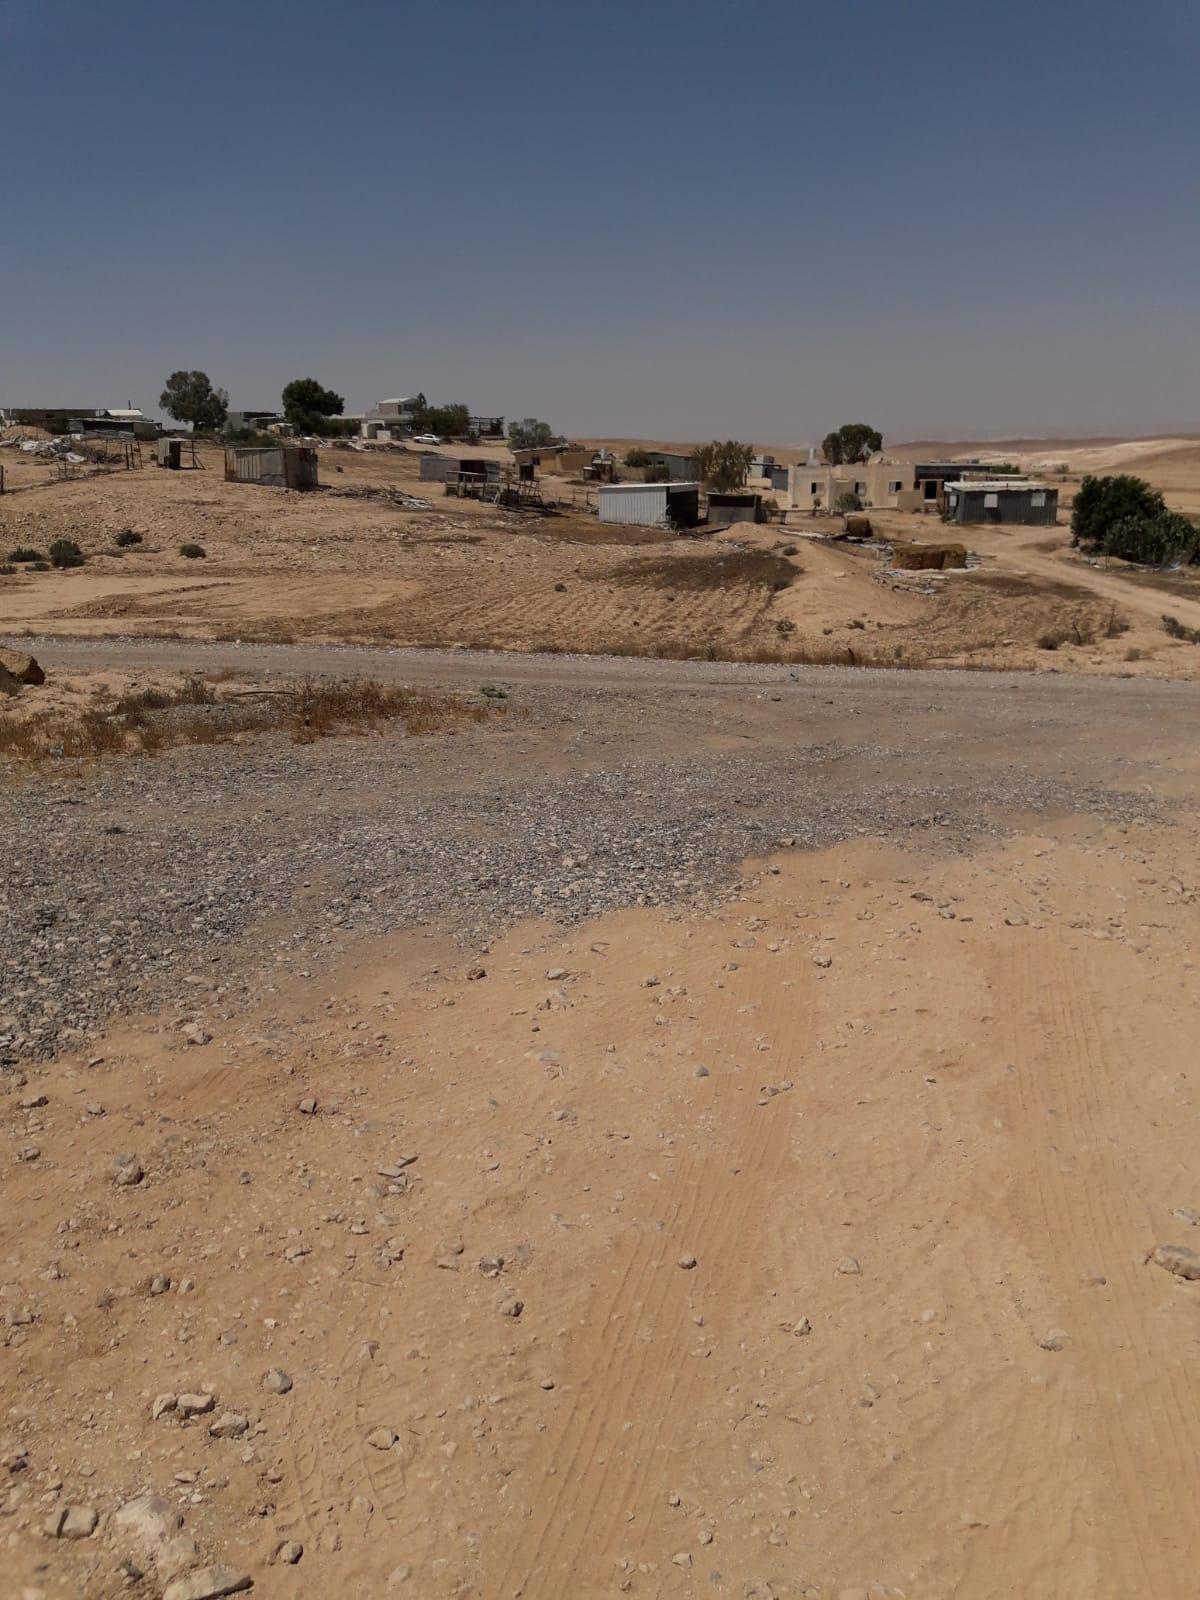 غضب في واحة الصحراء: فرض ضريبة المسقفات وسط انعدام الخدمات